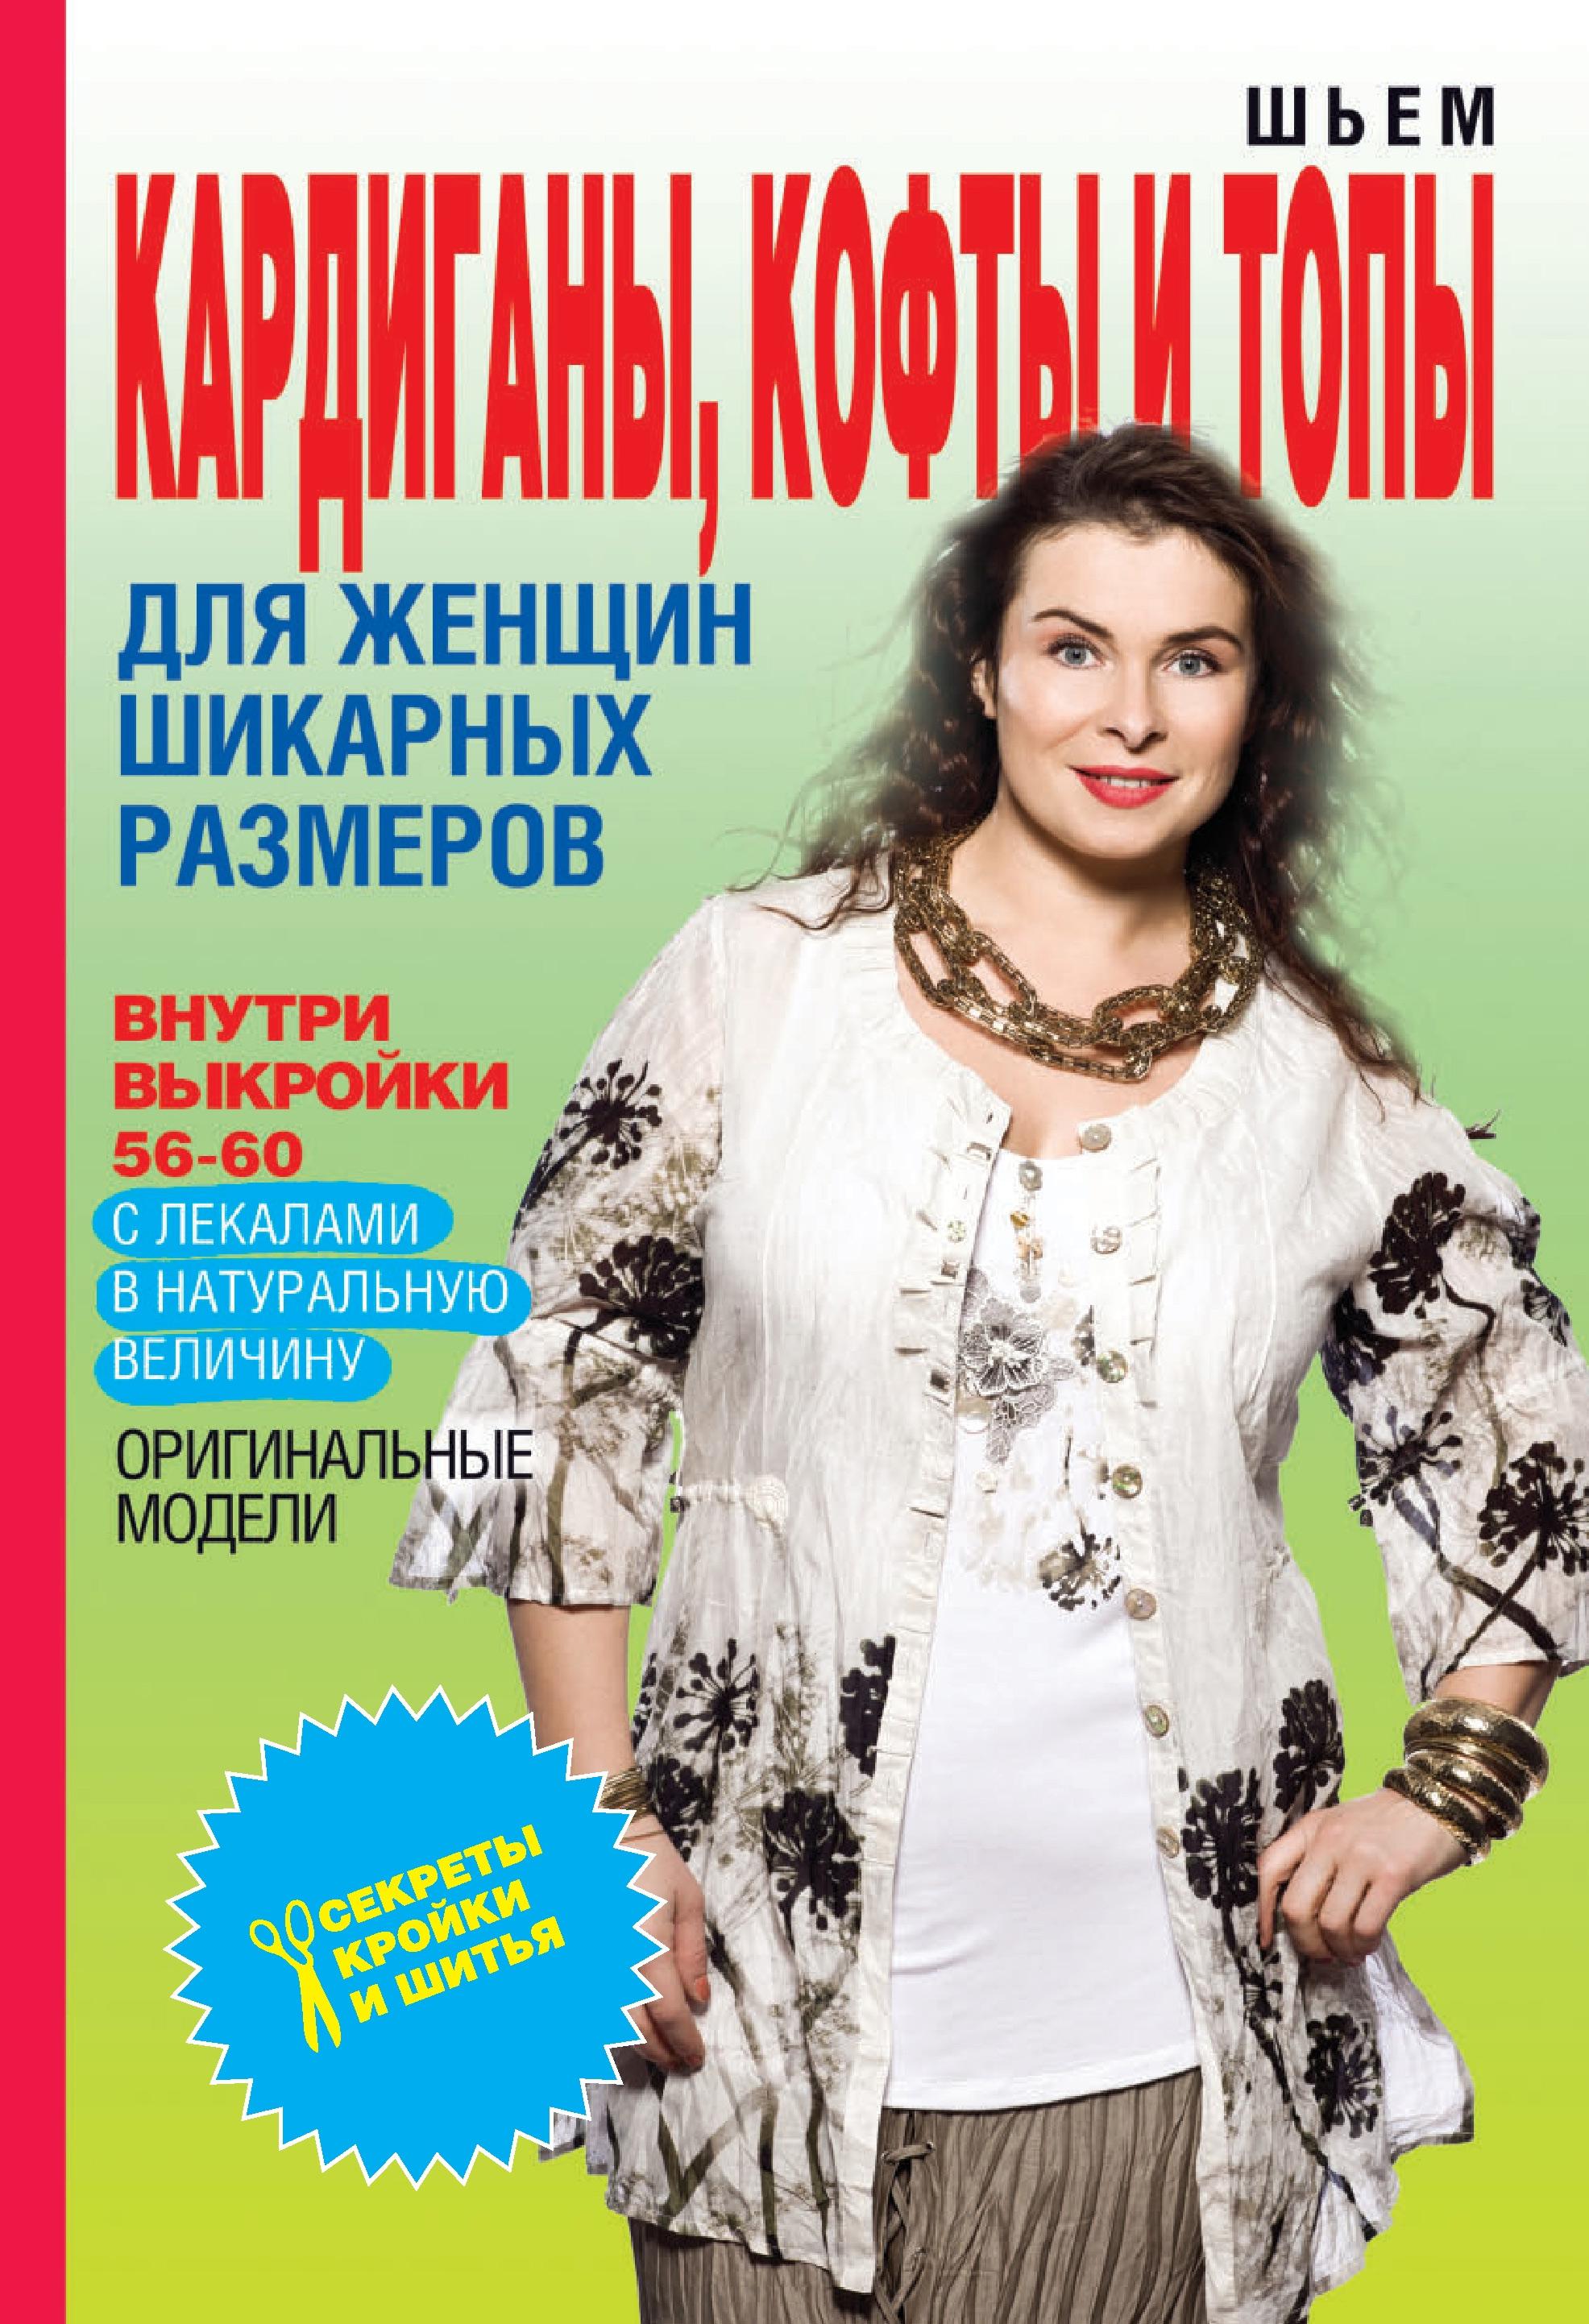 О. В. Яковлева Шьем кардиганы, кофты и топы для женщин шикарных размеров толстовки и кофты